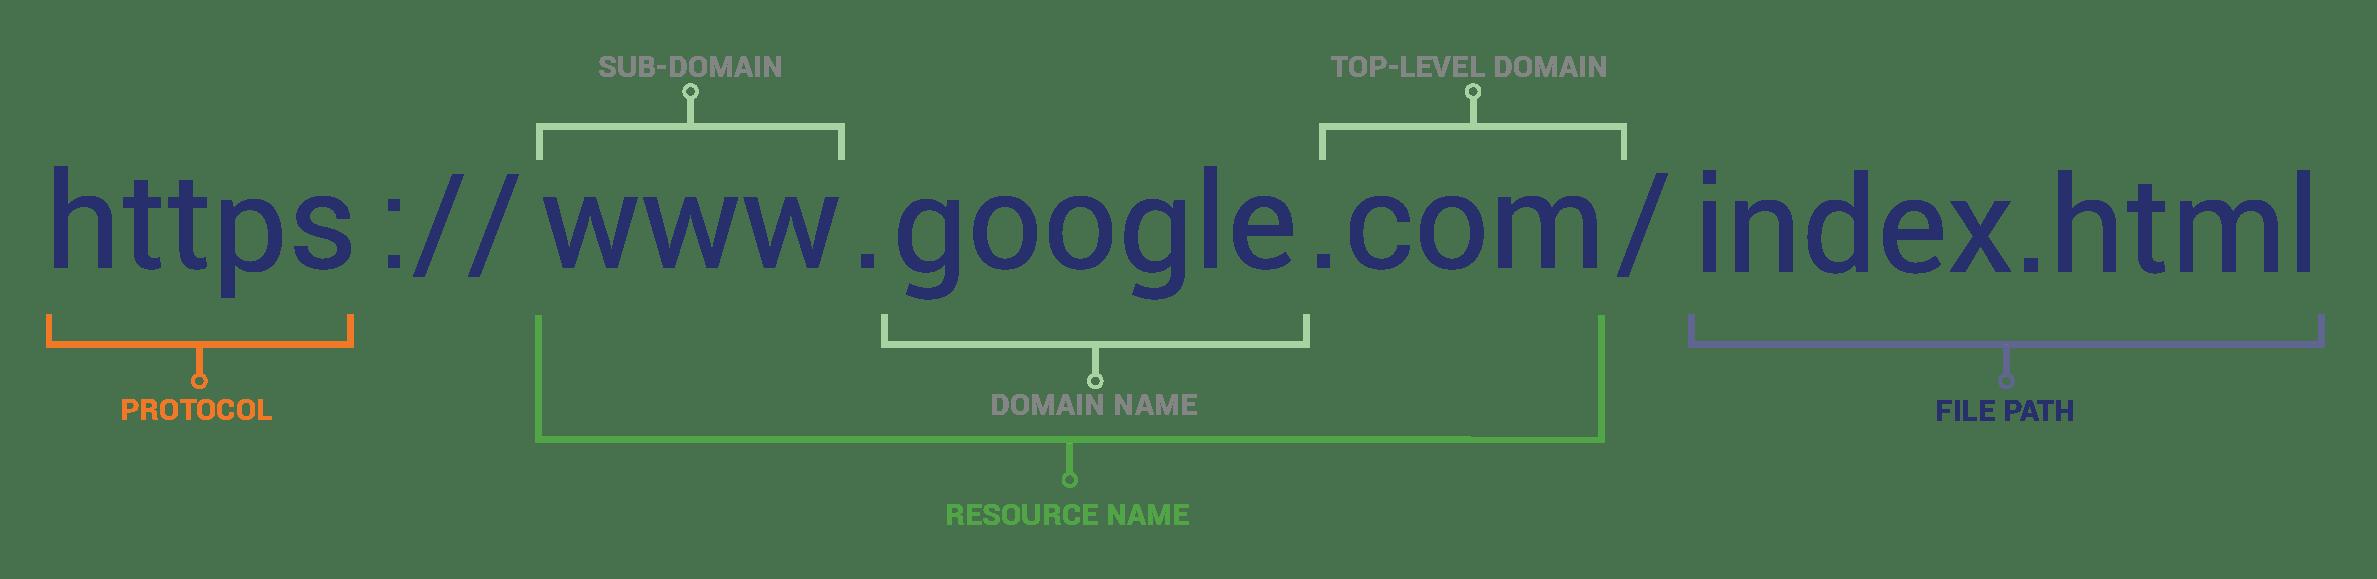 url scheme how to spot a fake website